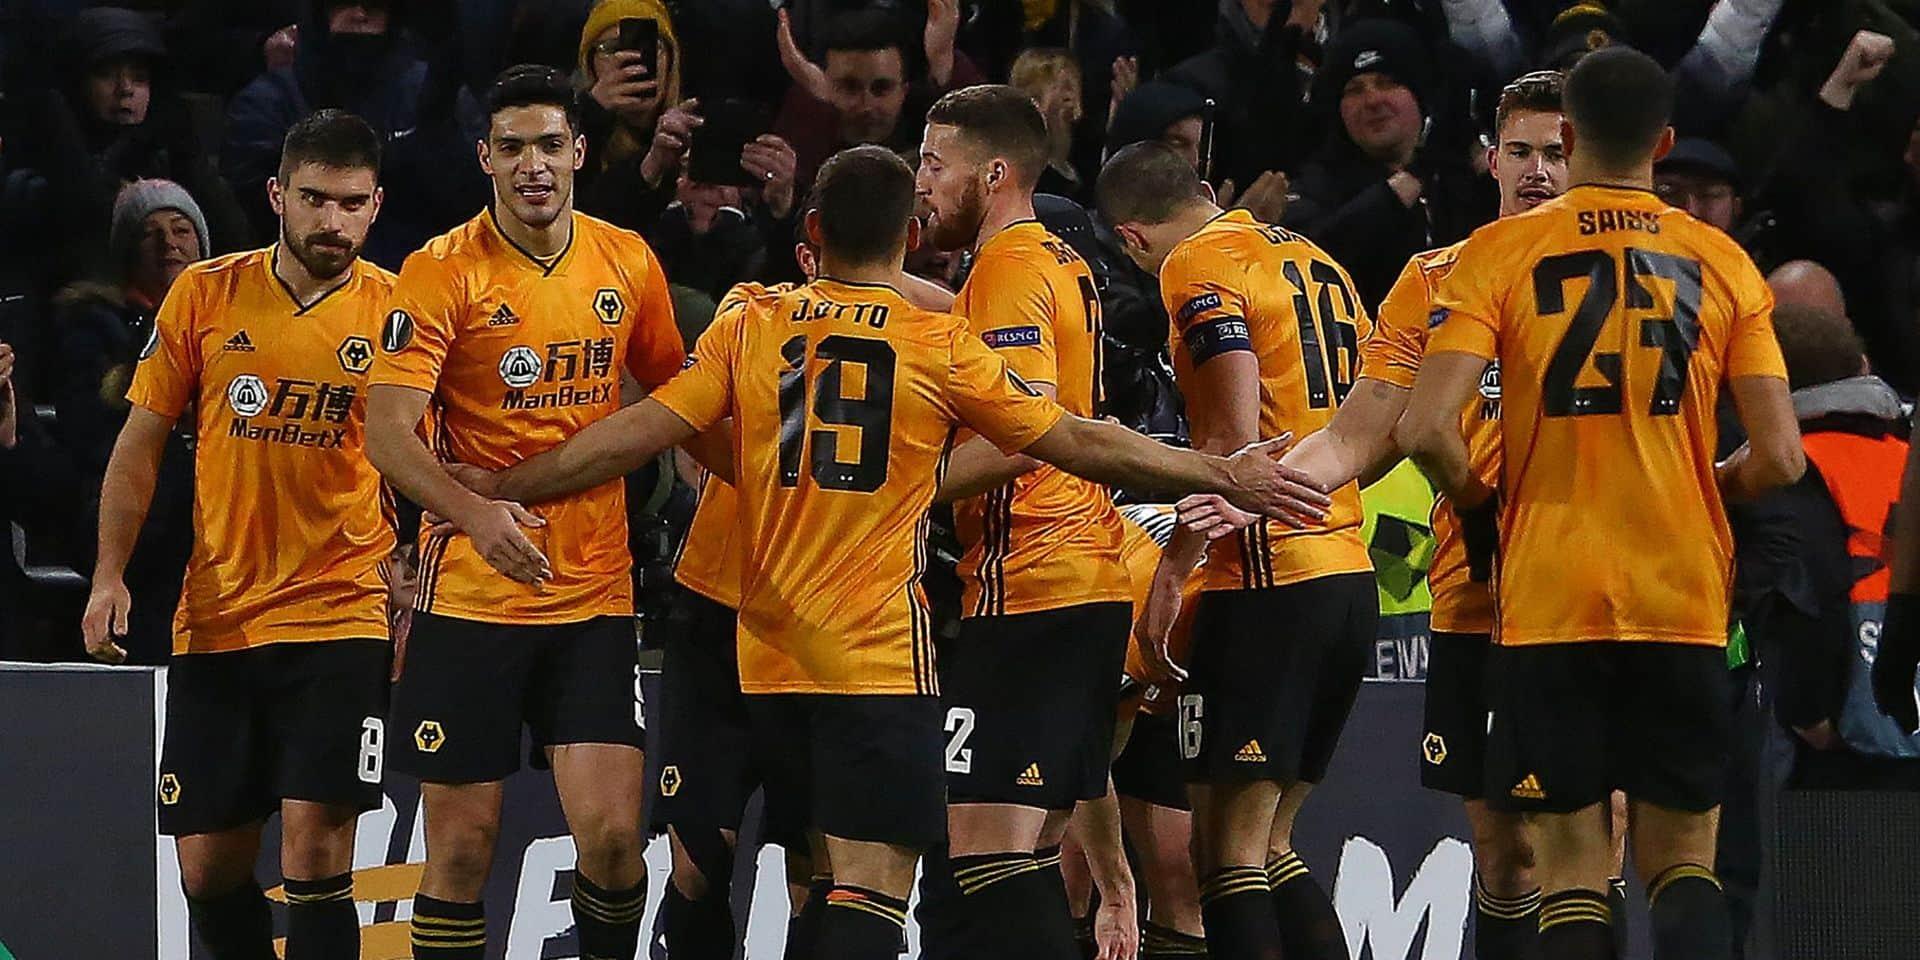 Dendoncker et les Wolves: la surprise du chef en Europa League